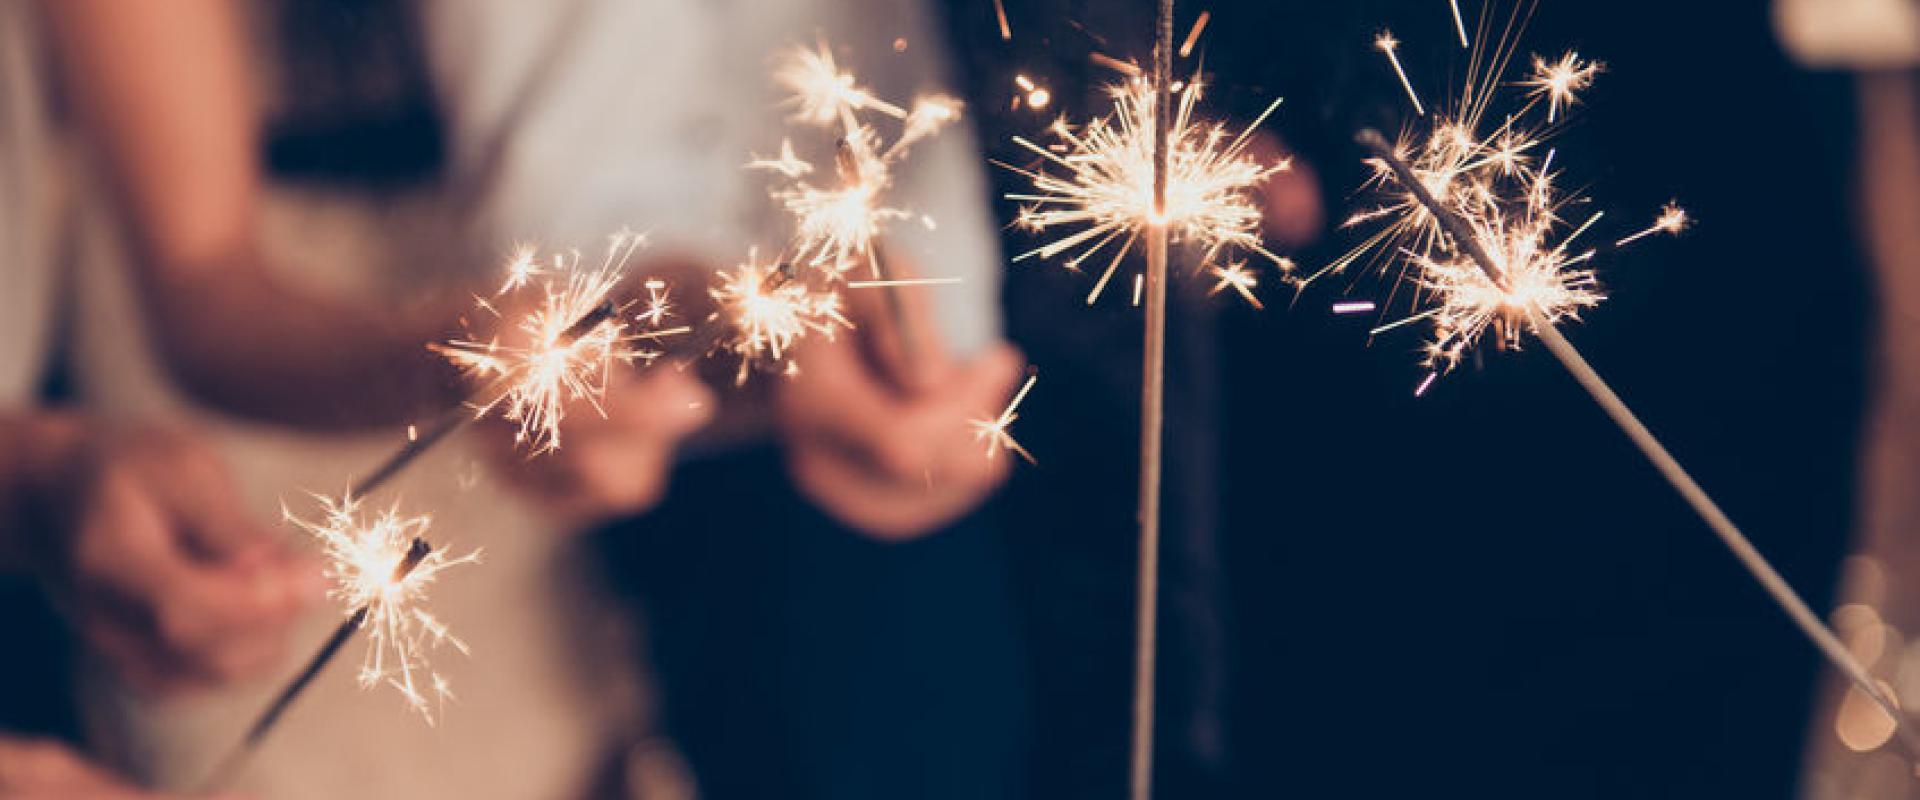 Ik wens je een fijn 2021 met gezonde ogen en een heldere blik